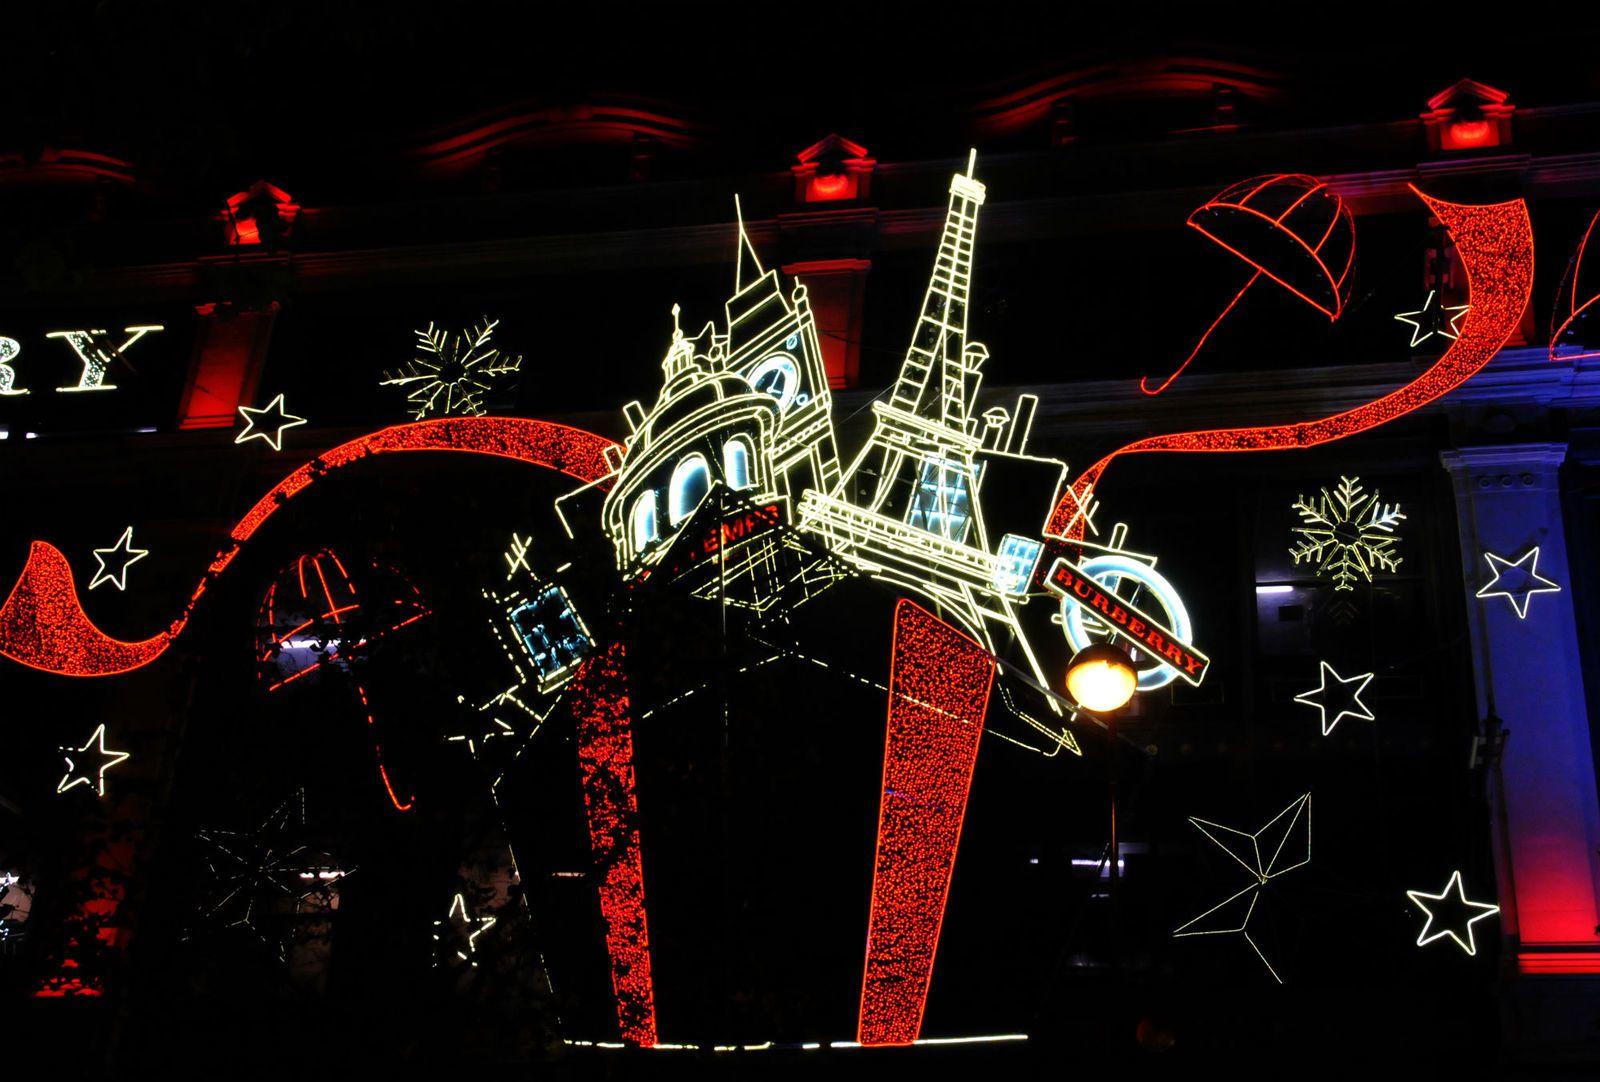 Illuminations parisiennes pour Noël (2014)